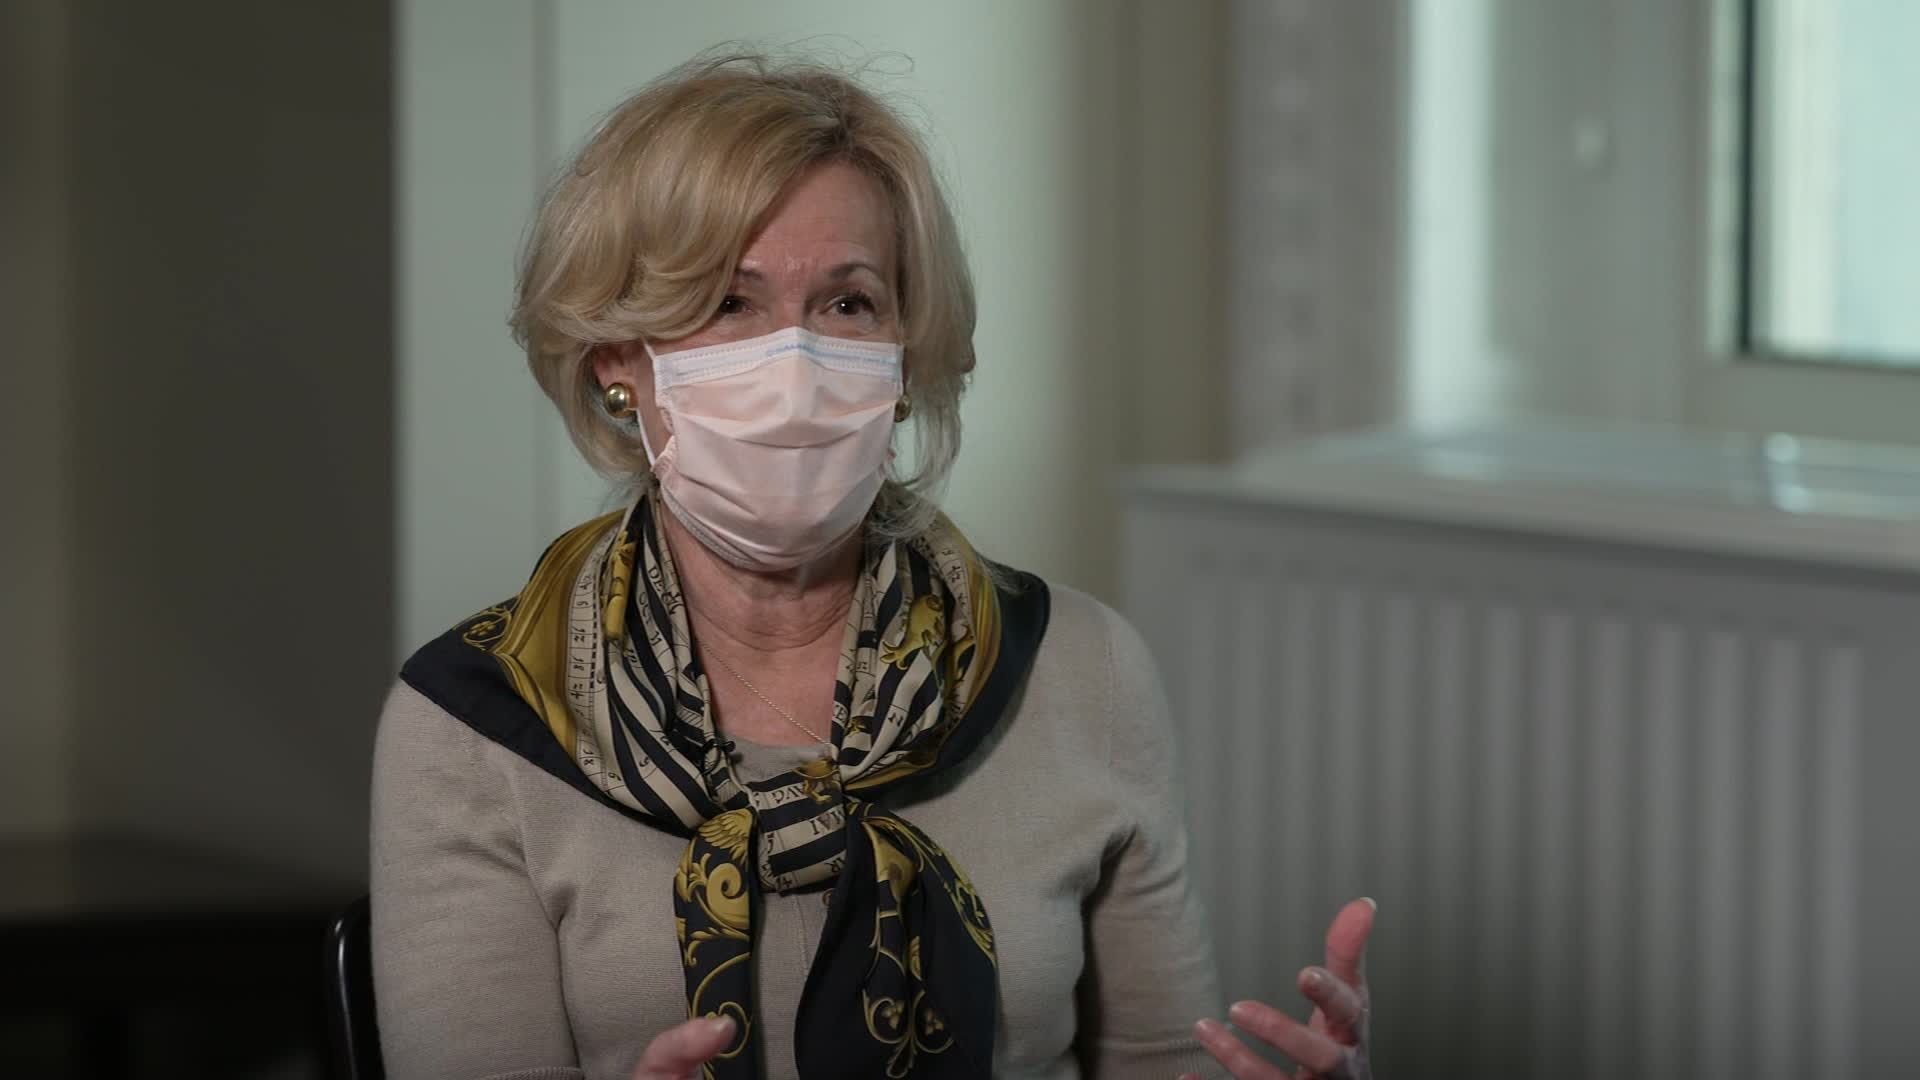 White House coronavirus task force member Dr. Deborah Birx speaks during an interview on November 20.